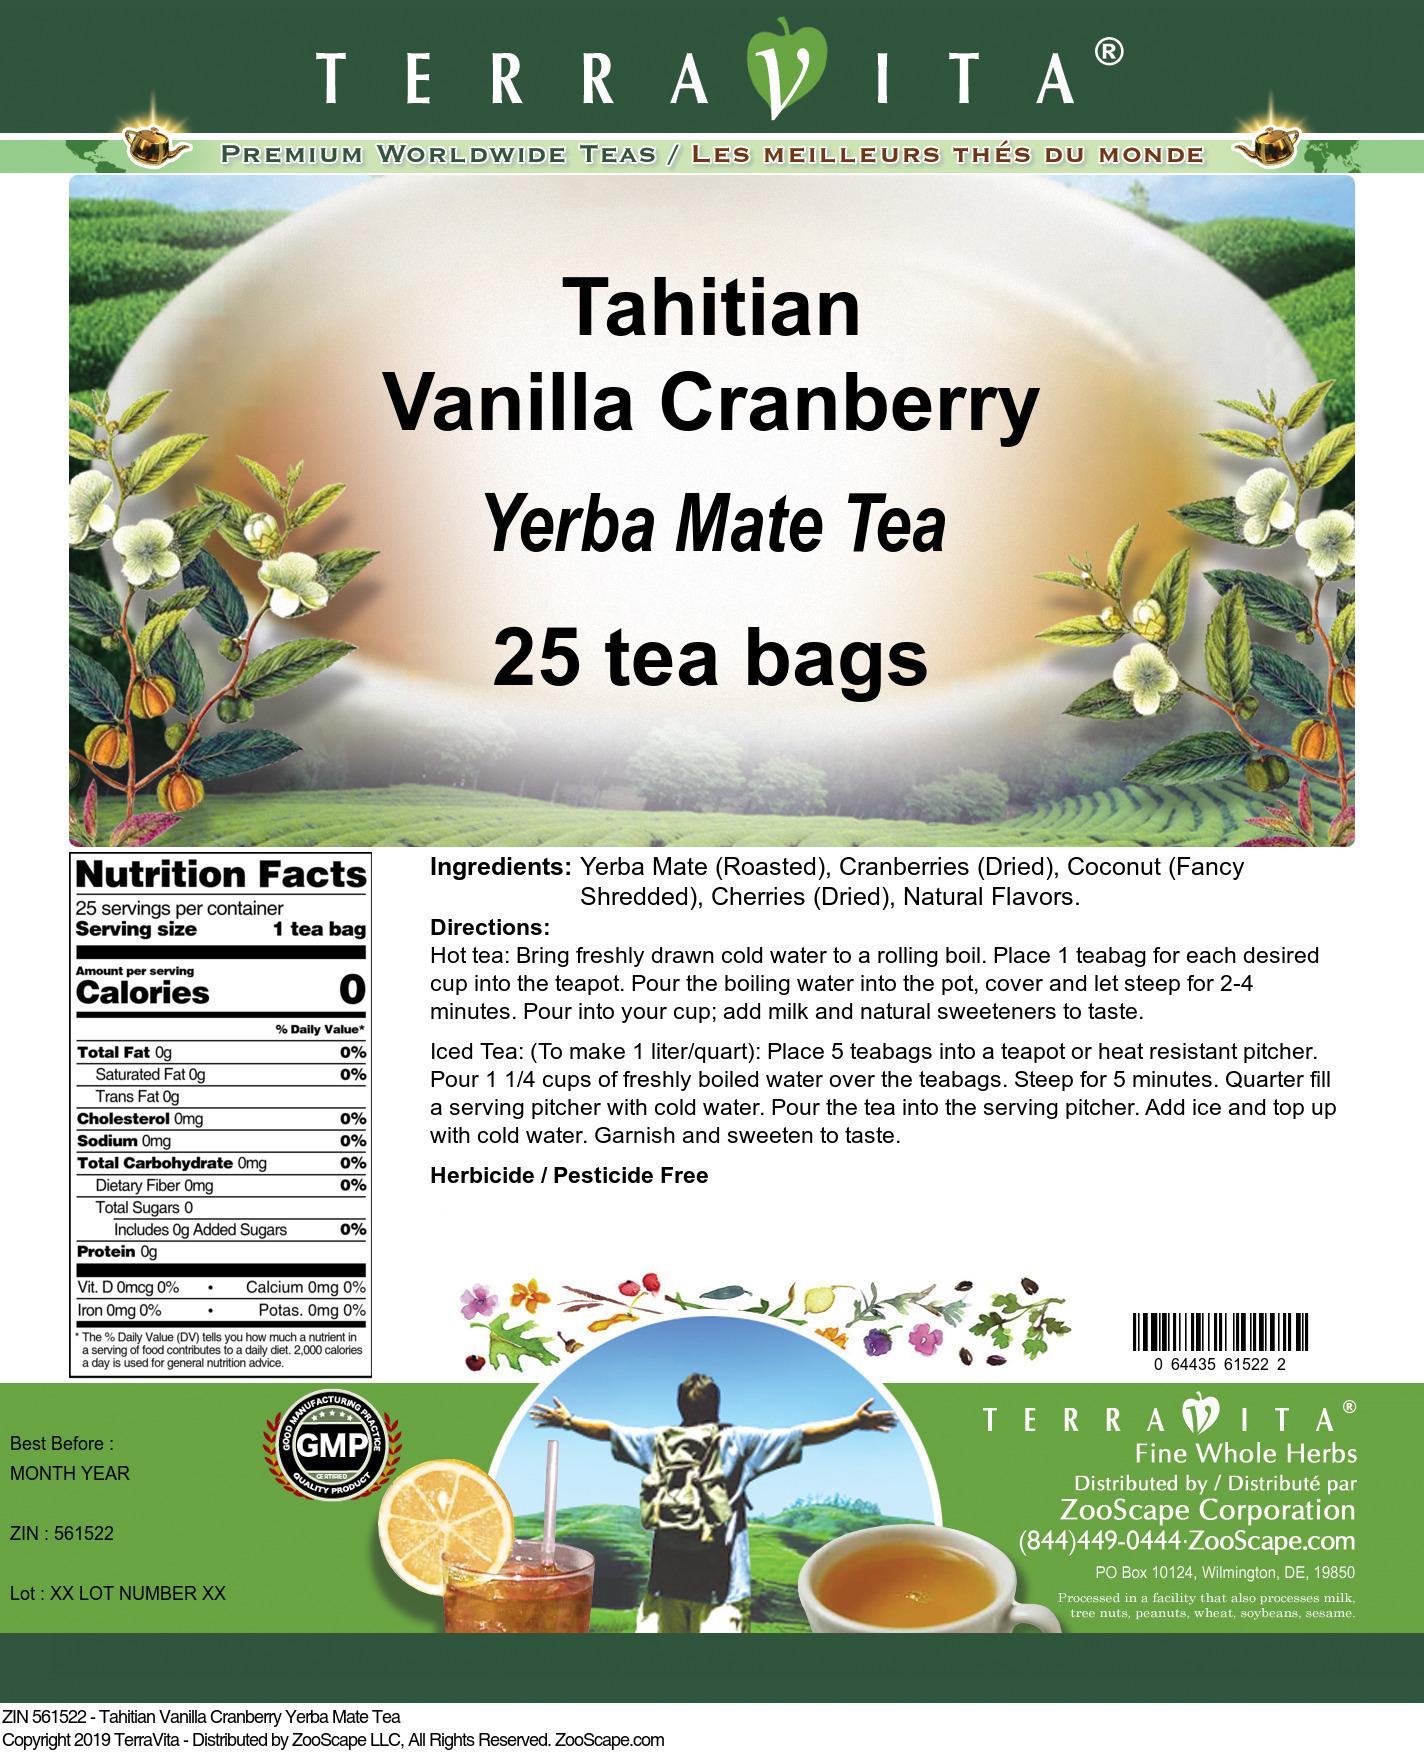 Tahitian Vanilla Cranberry Yerba Mate Tea